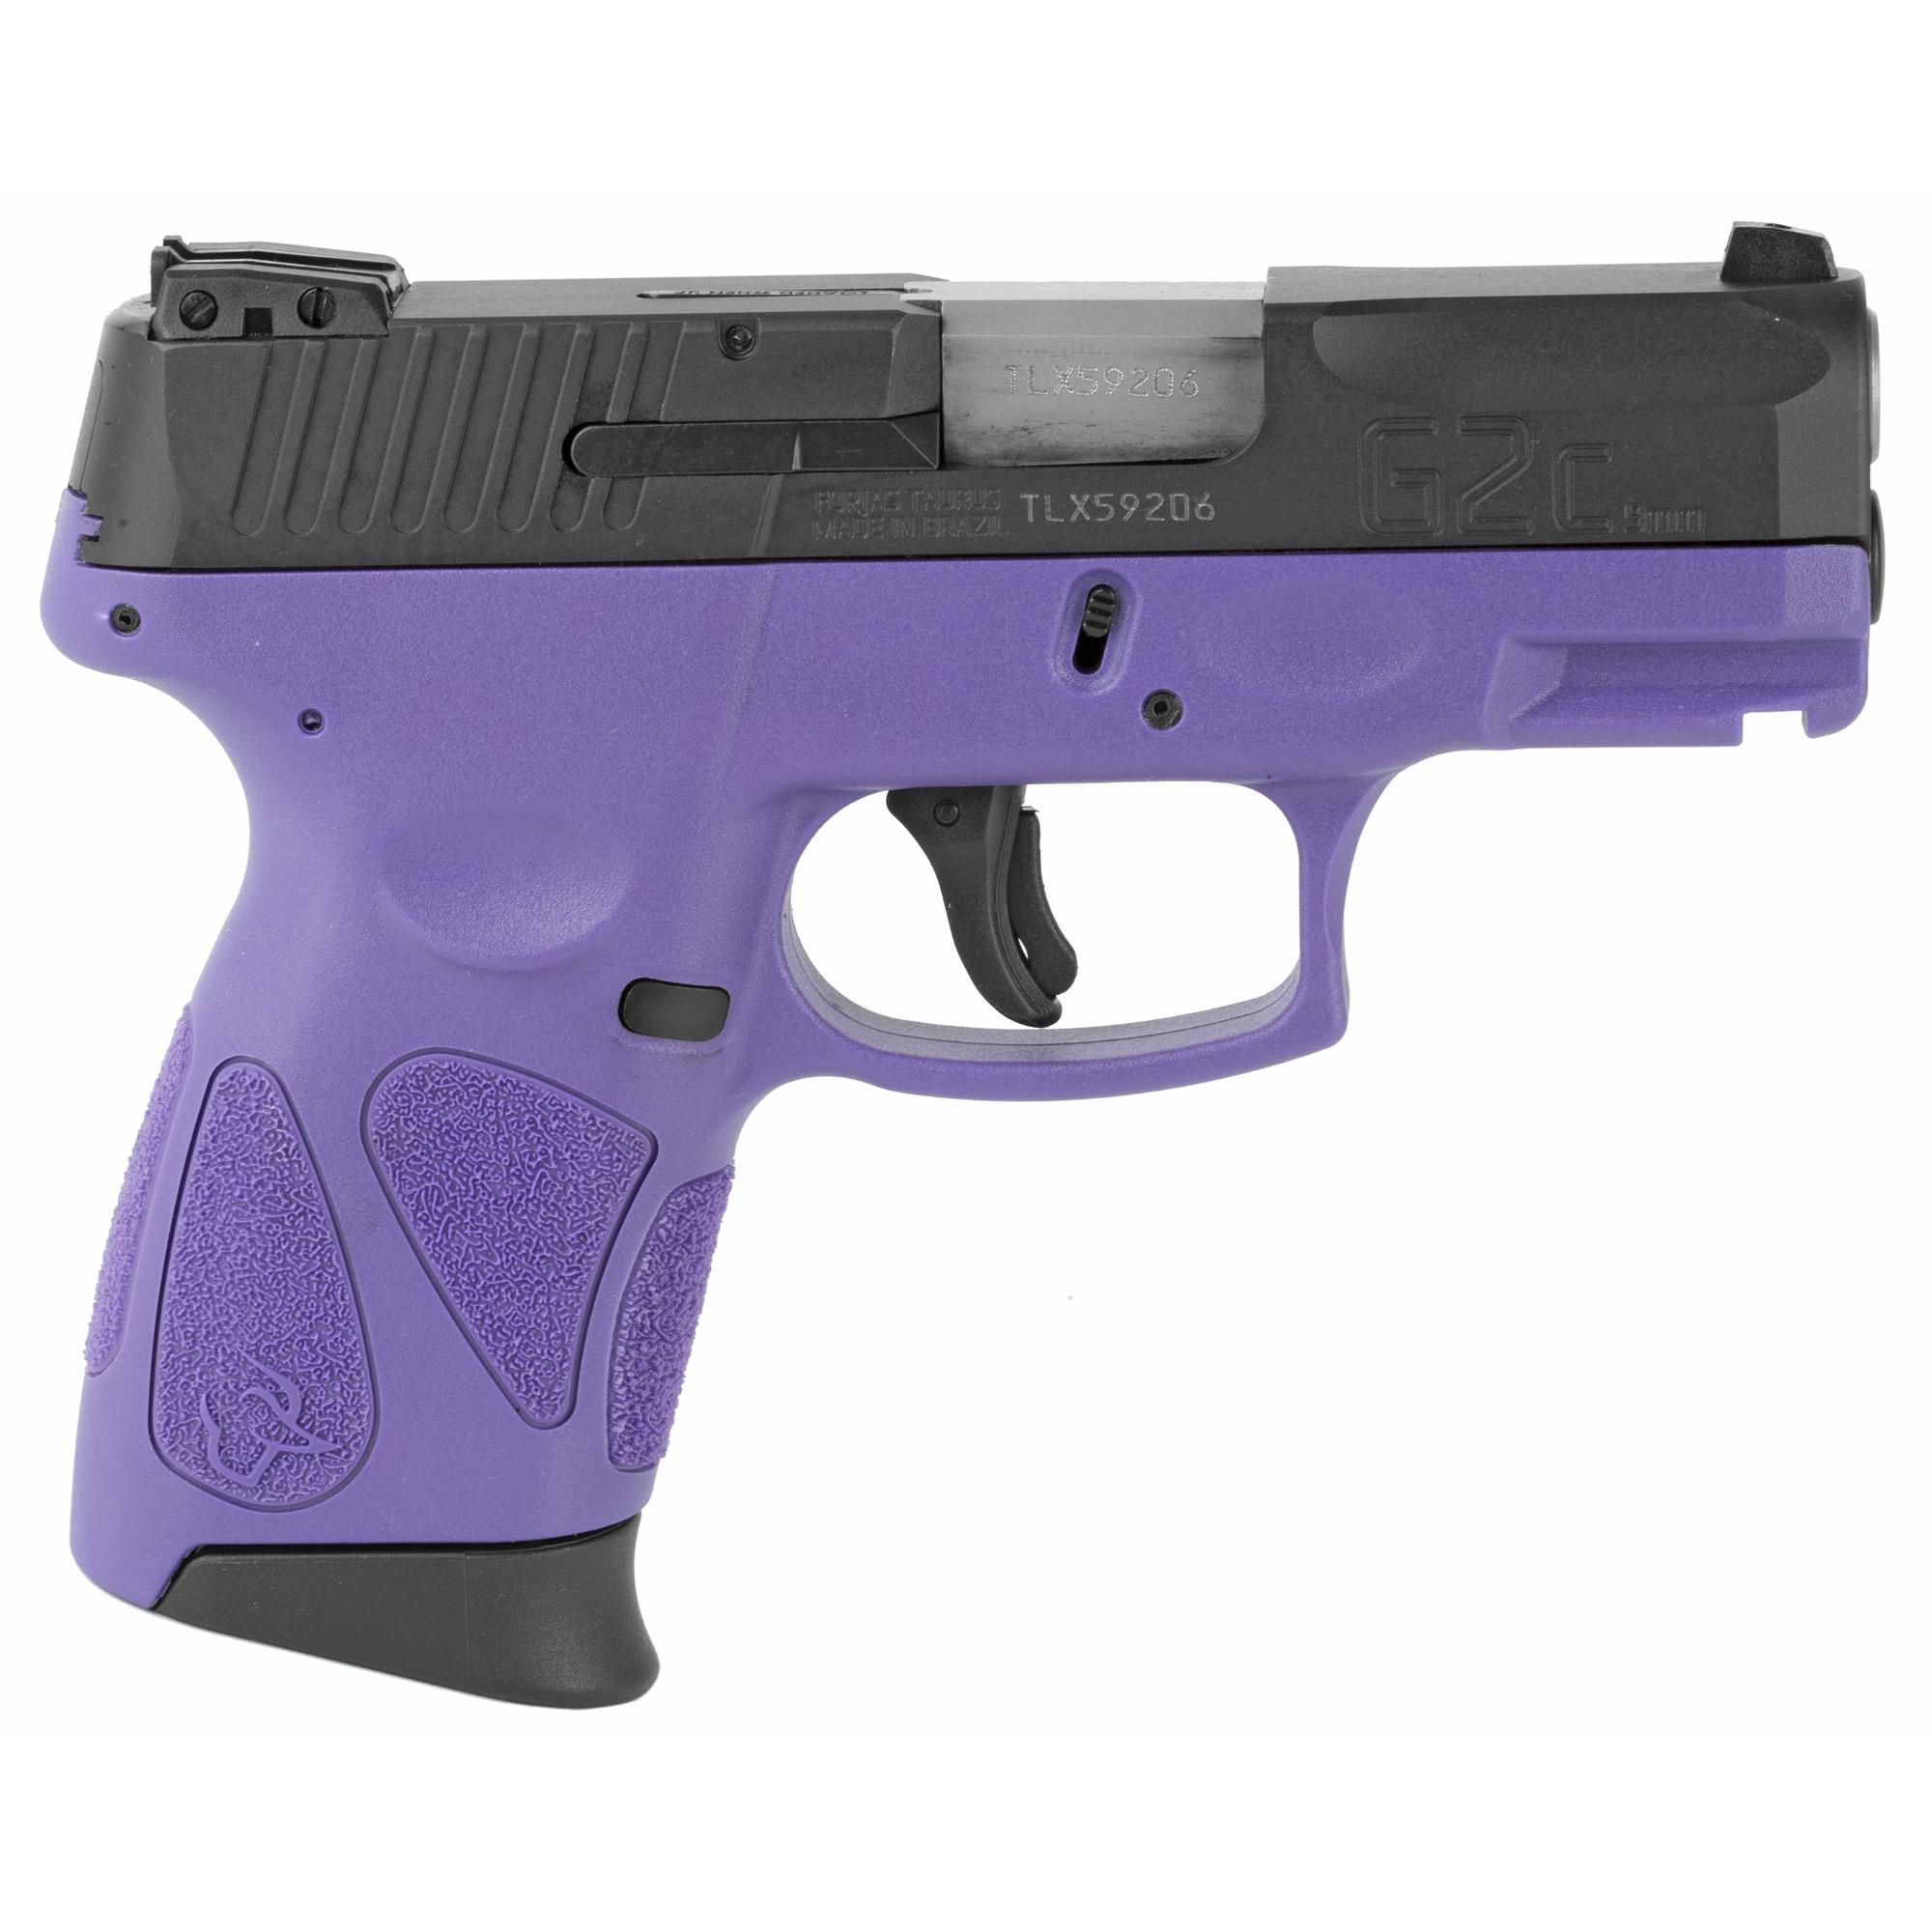 """Taurus G2C2 DAO 3.2"""" 9mm 12Rd - Black/Dark Purple-img-1"""